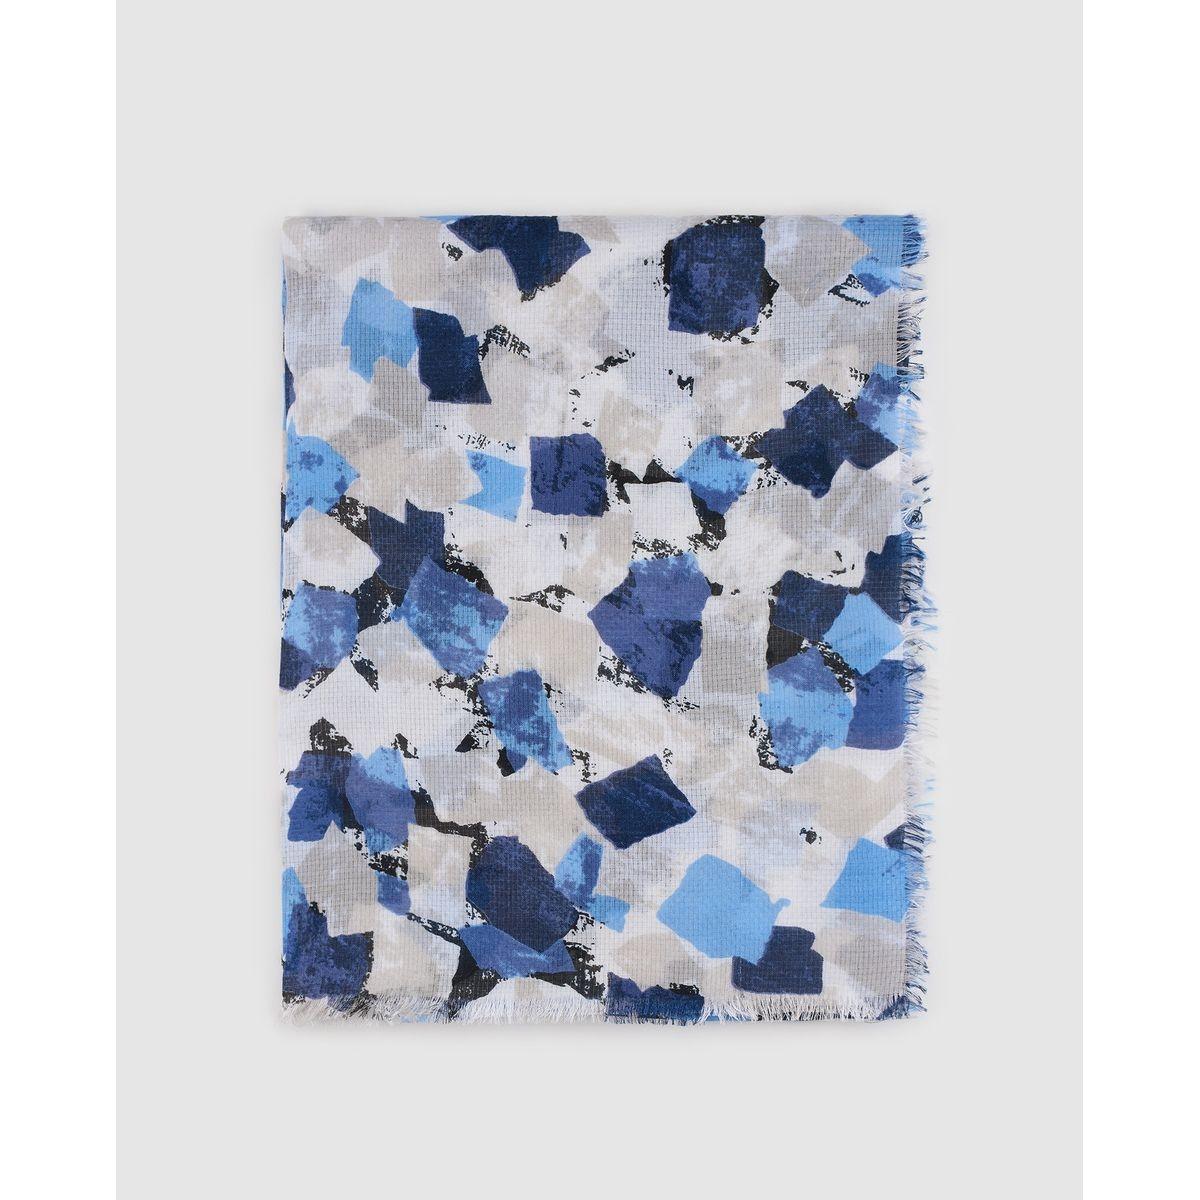 Foulard gris et bleu à imprimé géométrique irrégulier